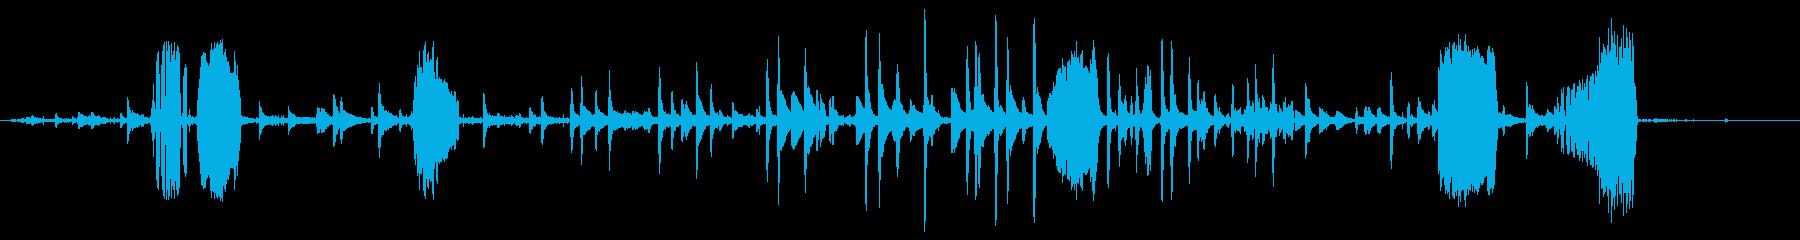 ヤギ、カウベルの群れの再生済みの波形